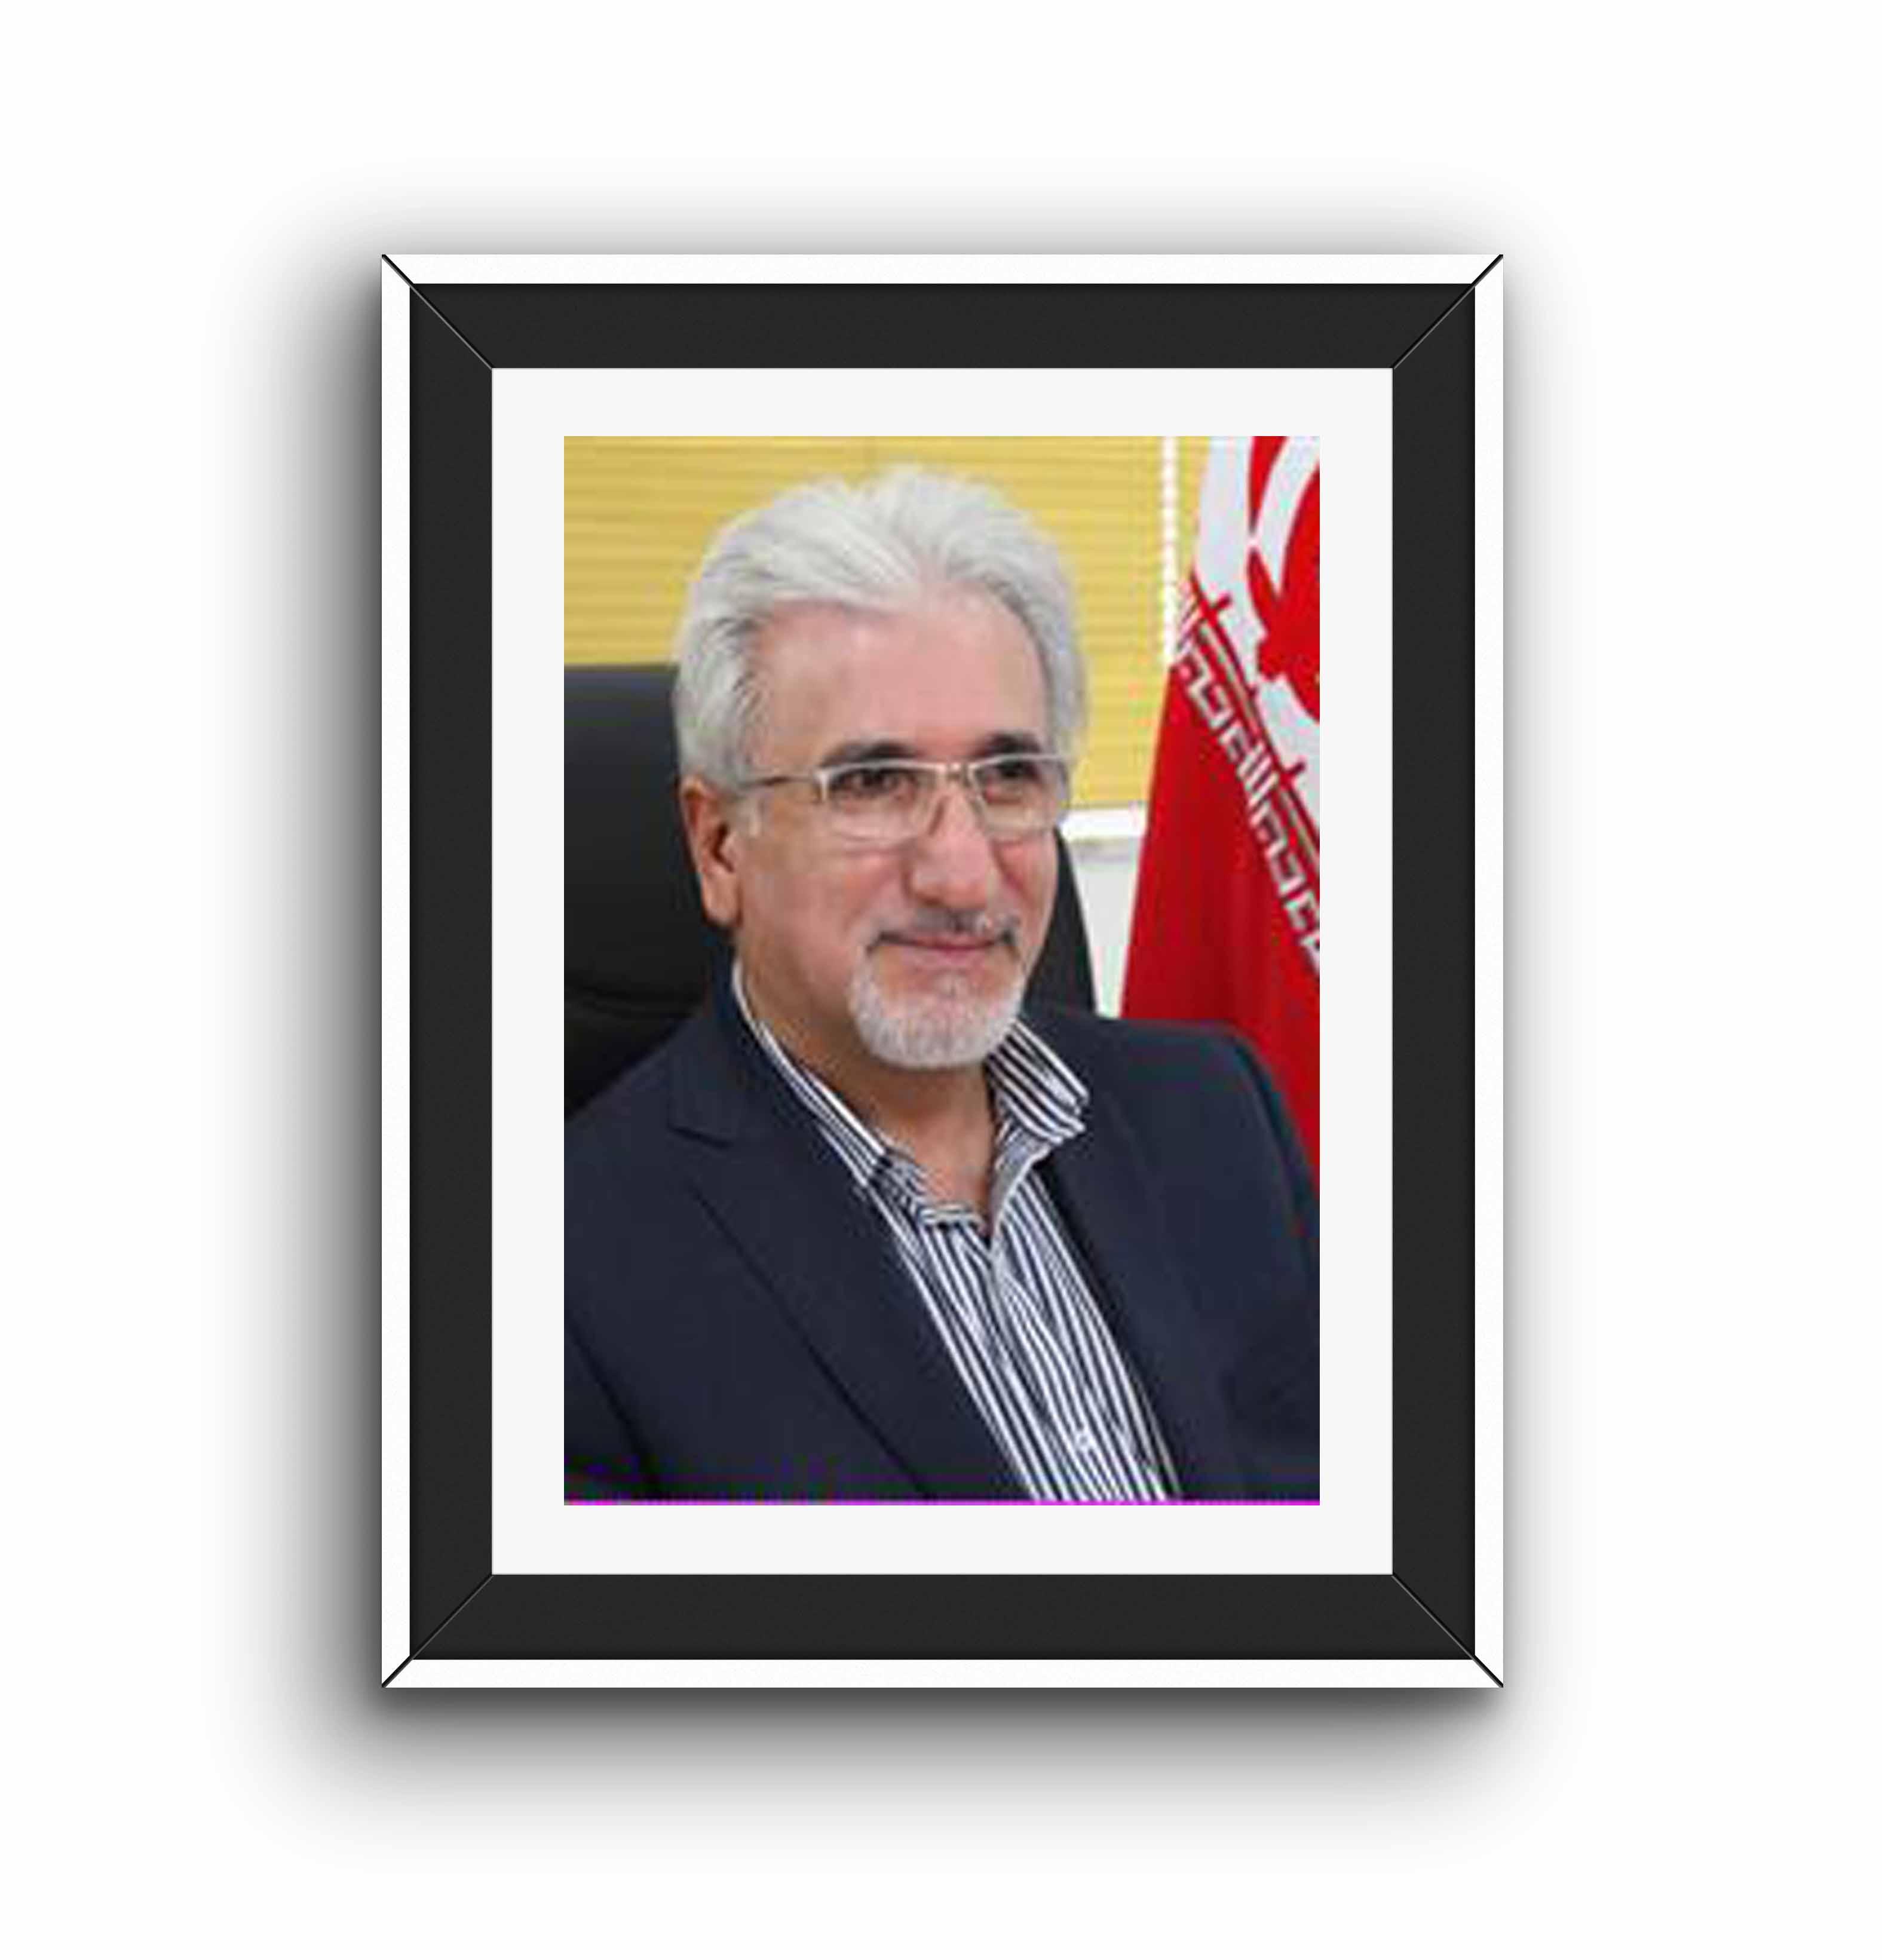 http://bayanbox.ir/view/4296270290359661961/s-mahmoud-mousavi.png